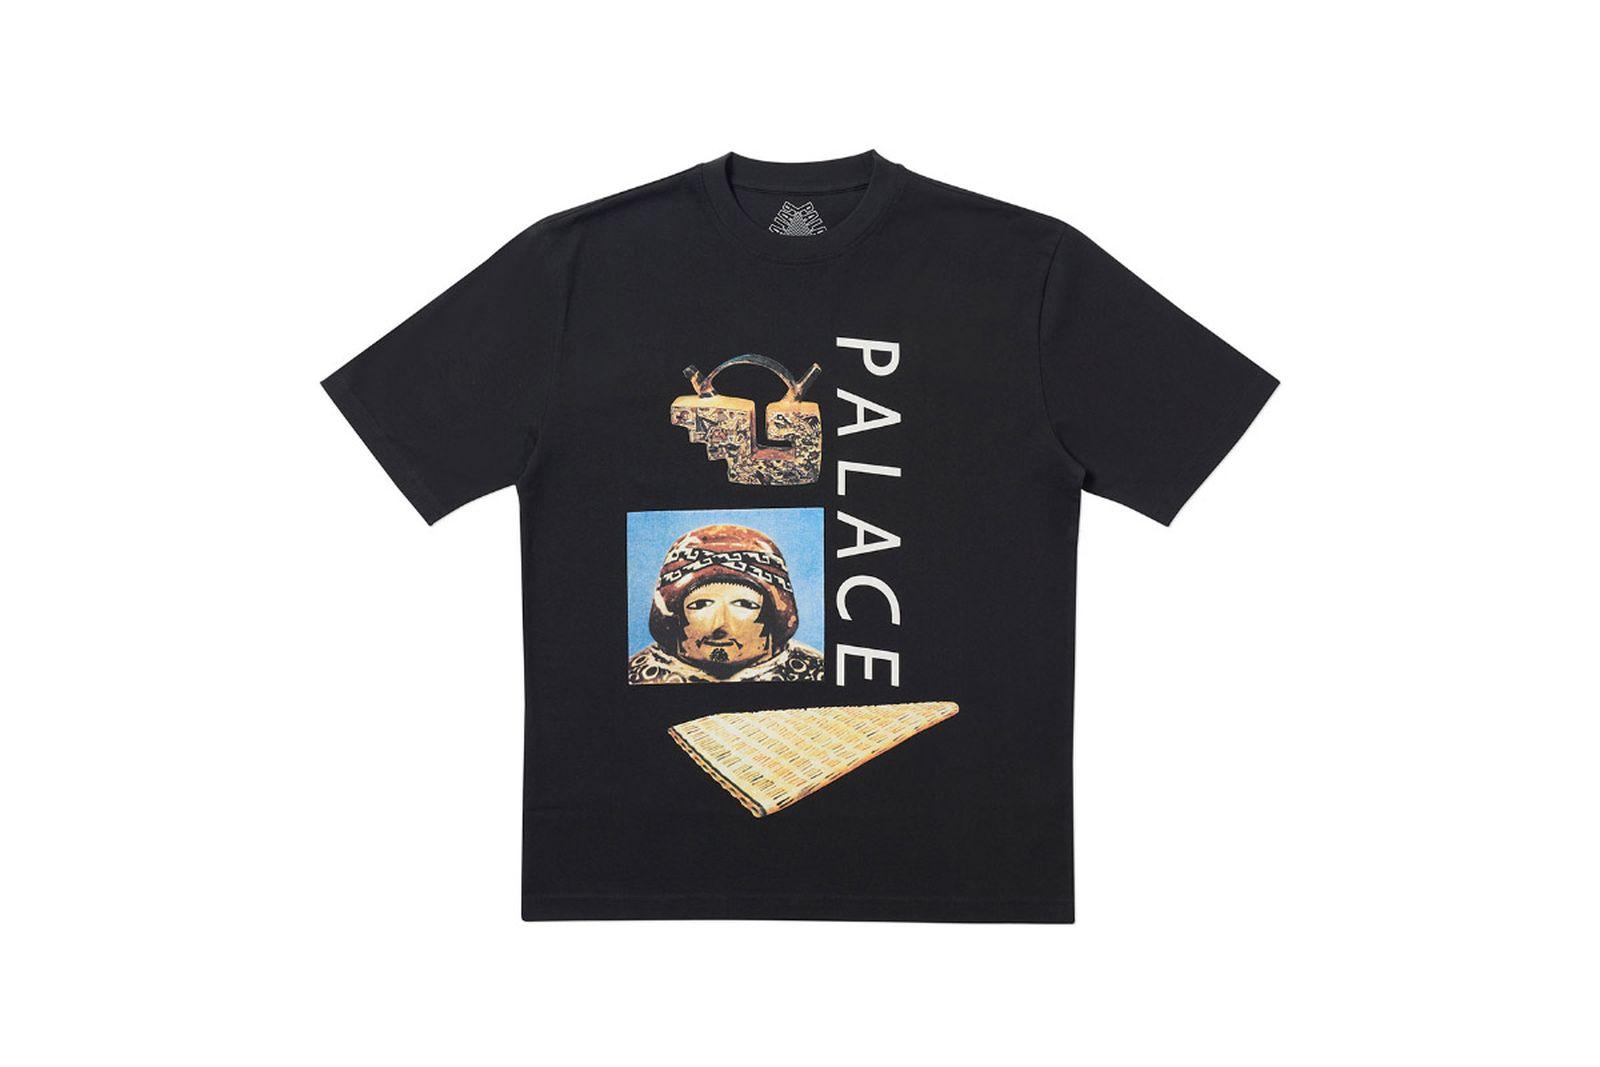 Palace 2019 Autumn T Shirt Tactic black